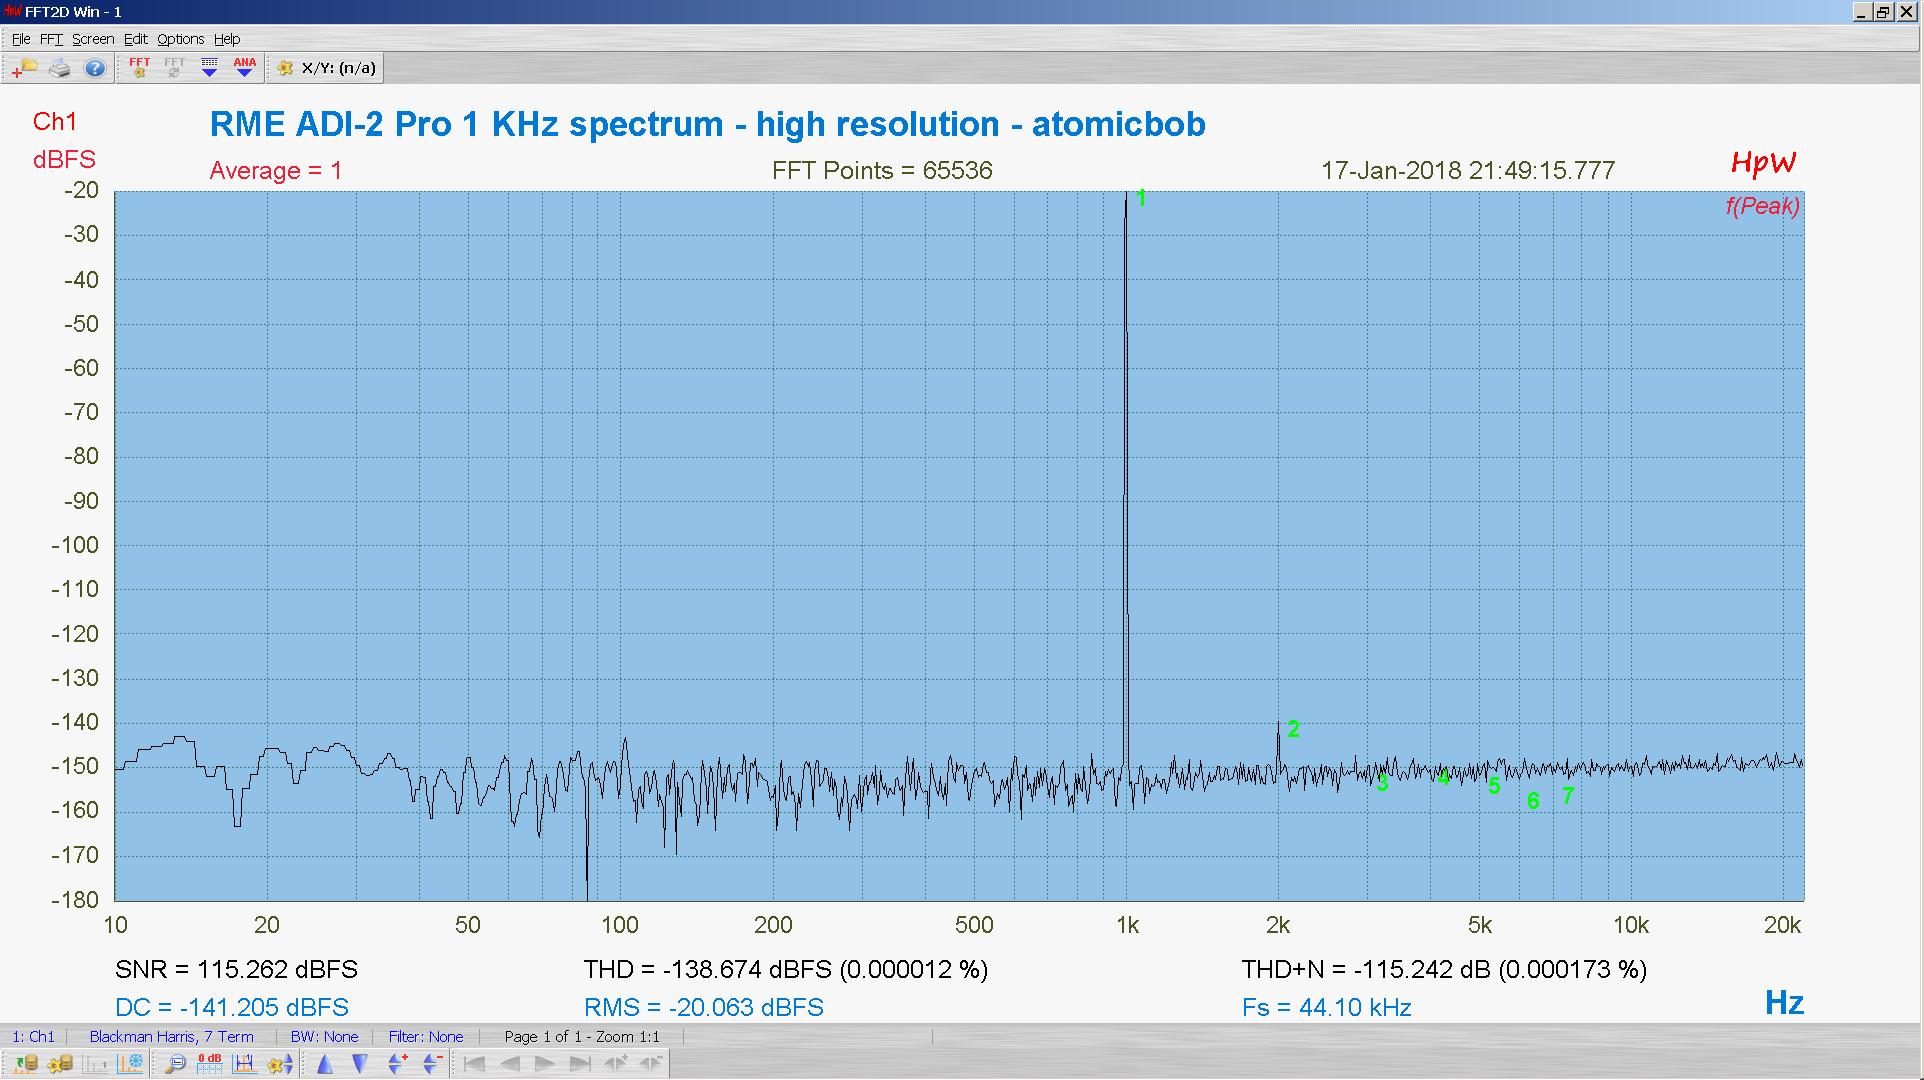 20180117-03 ADI-2 Pro Bal 1 KHz THD THD+N 65K FFT- ASIO -20 dBFS - HpW.PNG